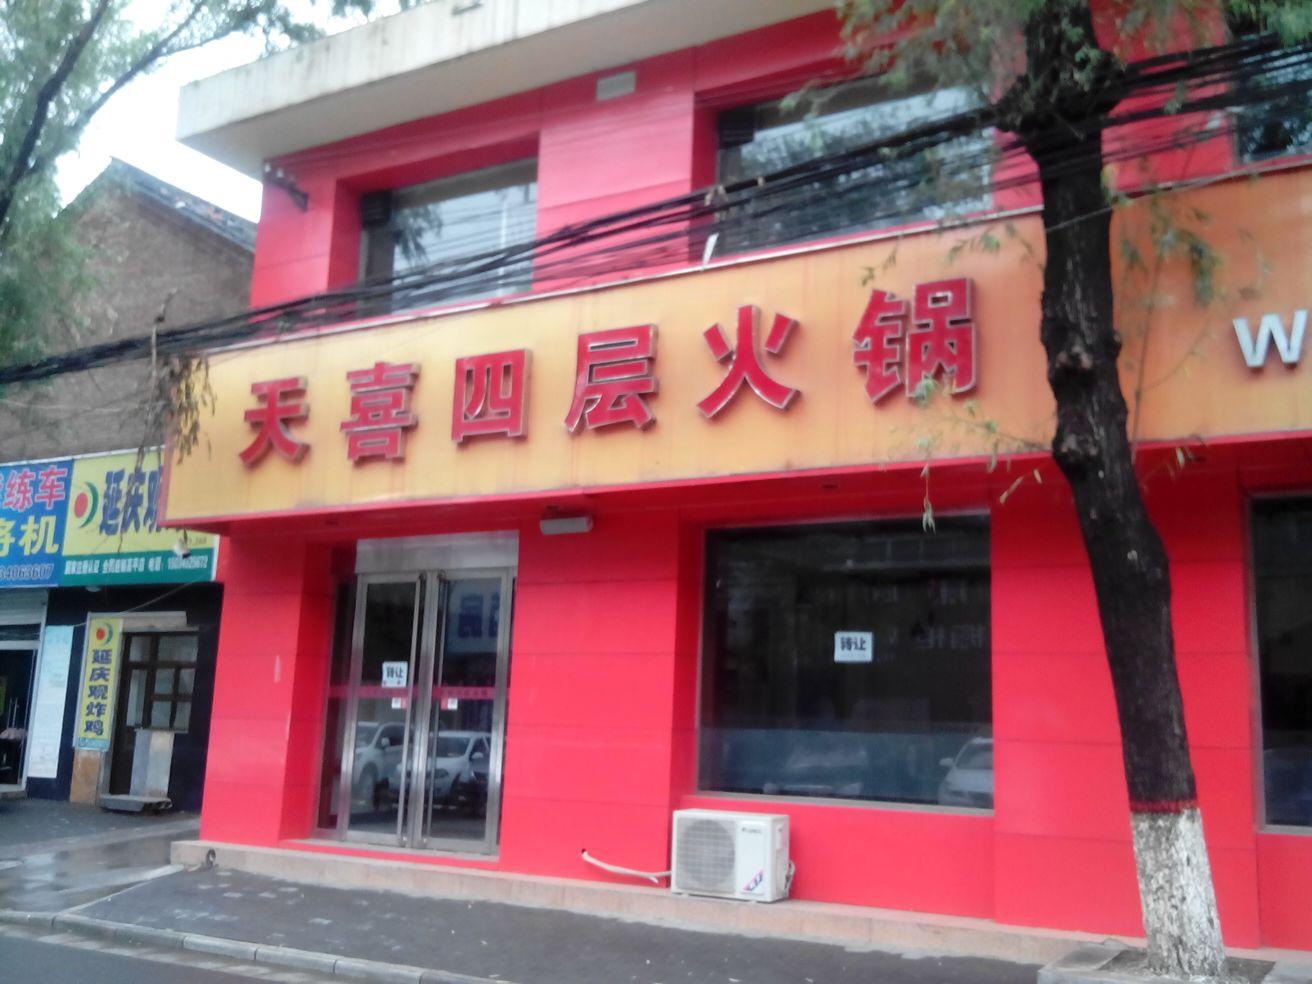 天喜四层火锅地址,订餐电话图片